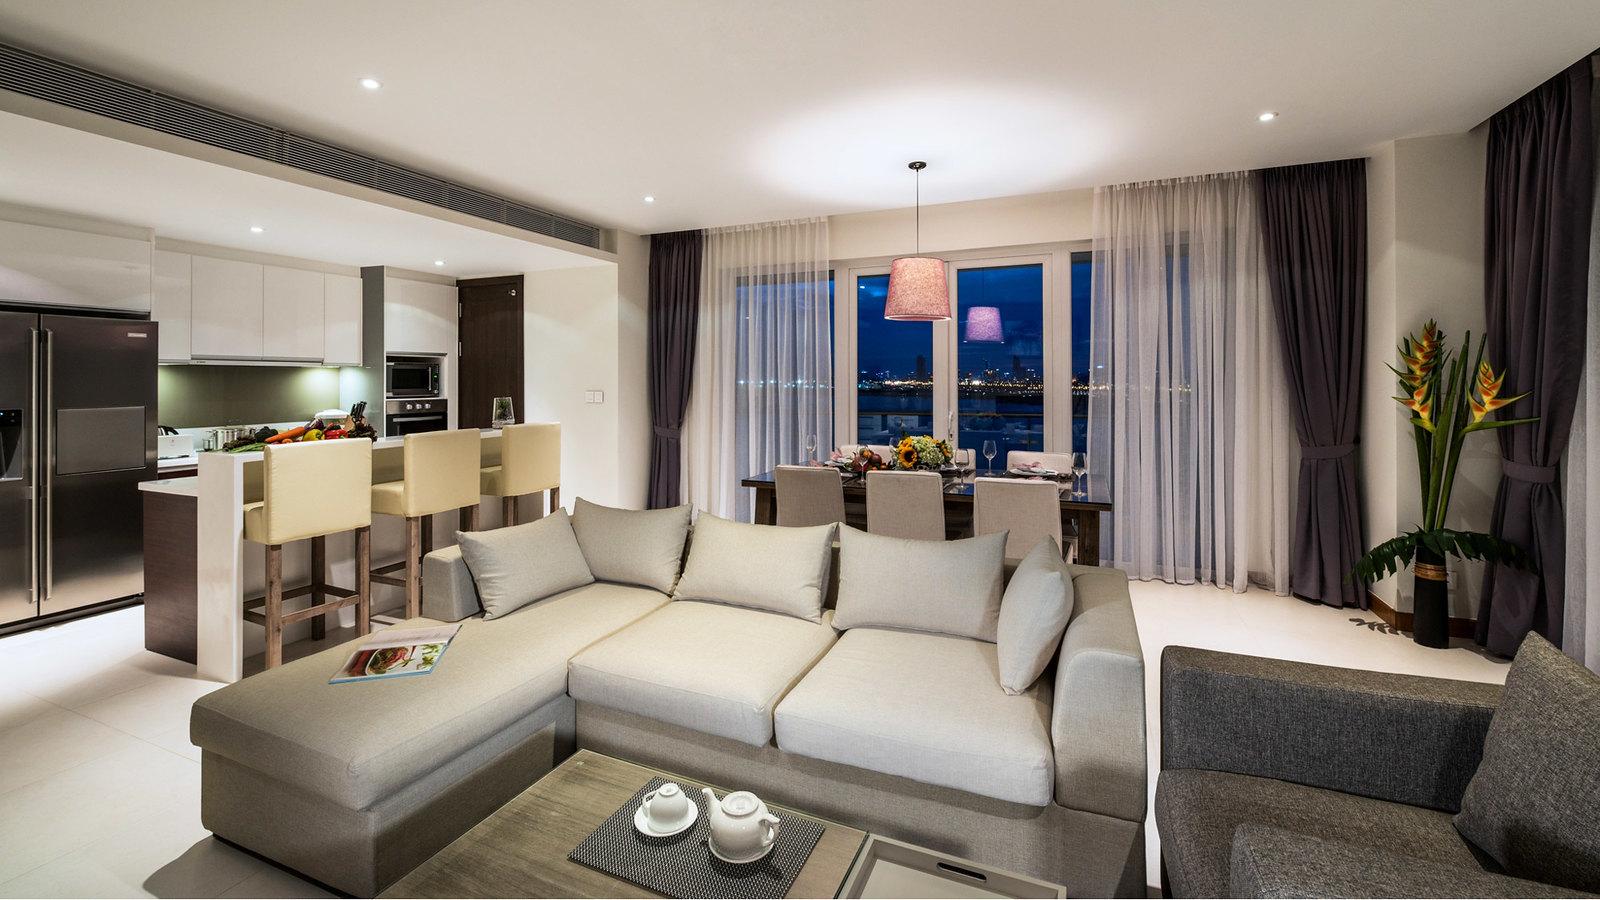 Căn hộ tòa Brilliant Đảo Kim Cương được thiết kế với các loại căn diện tích lớn